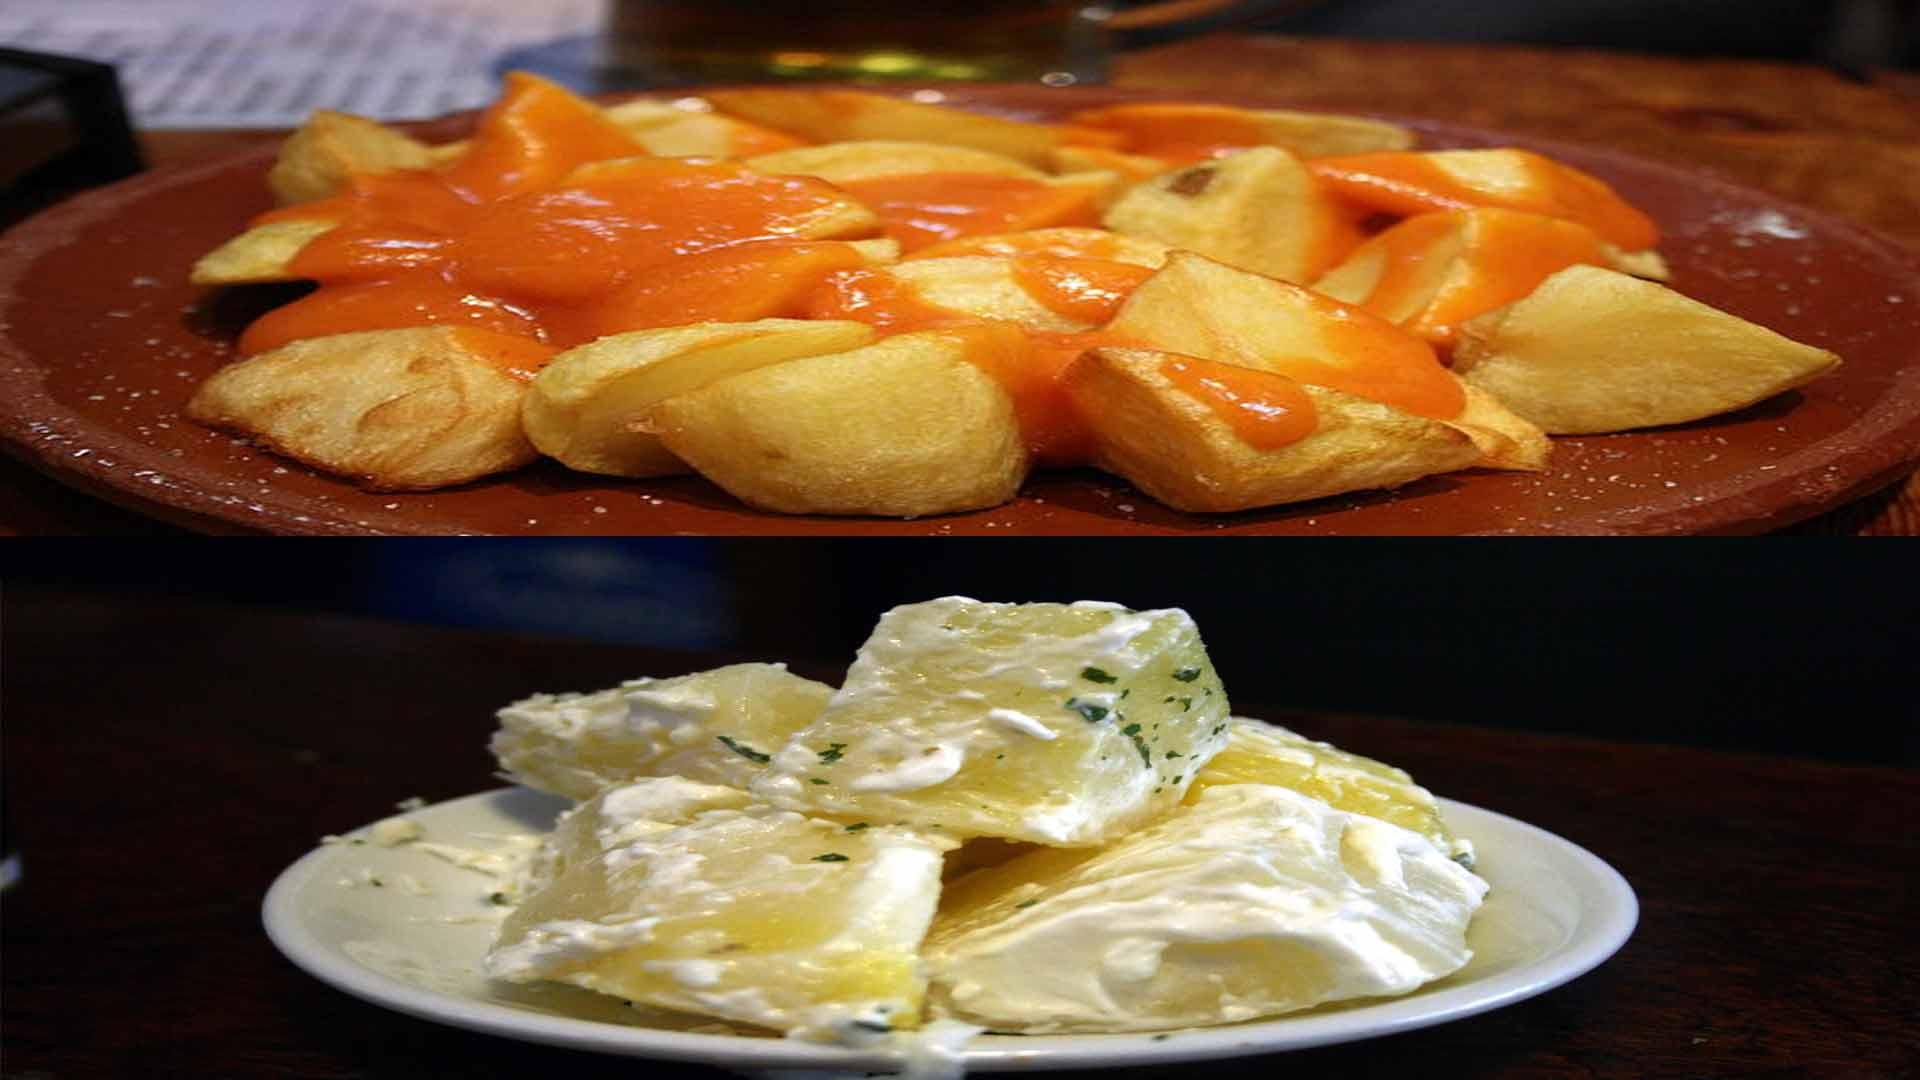 patatas-bravas-o-alioli-1920